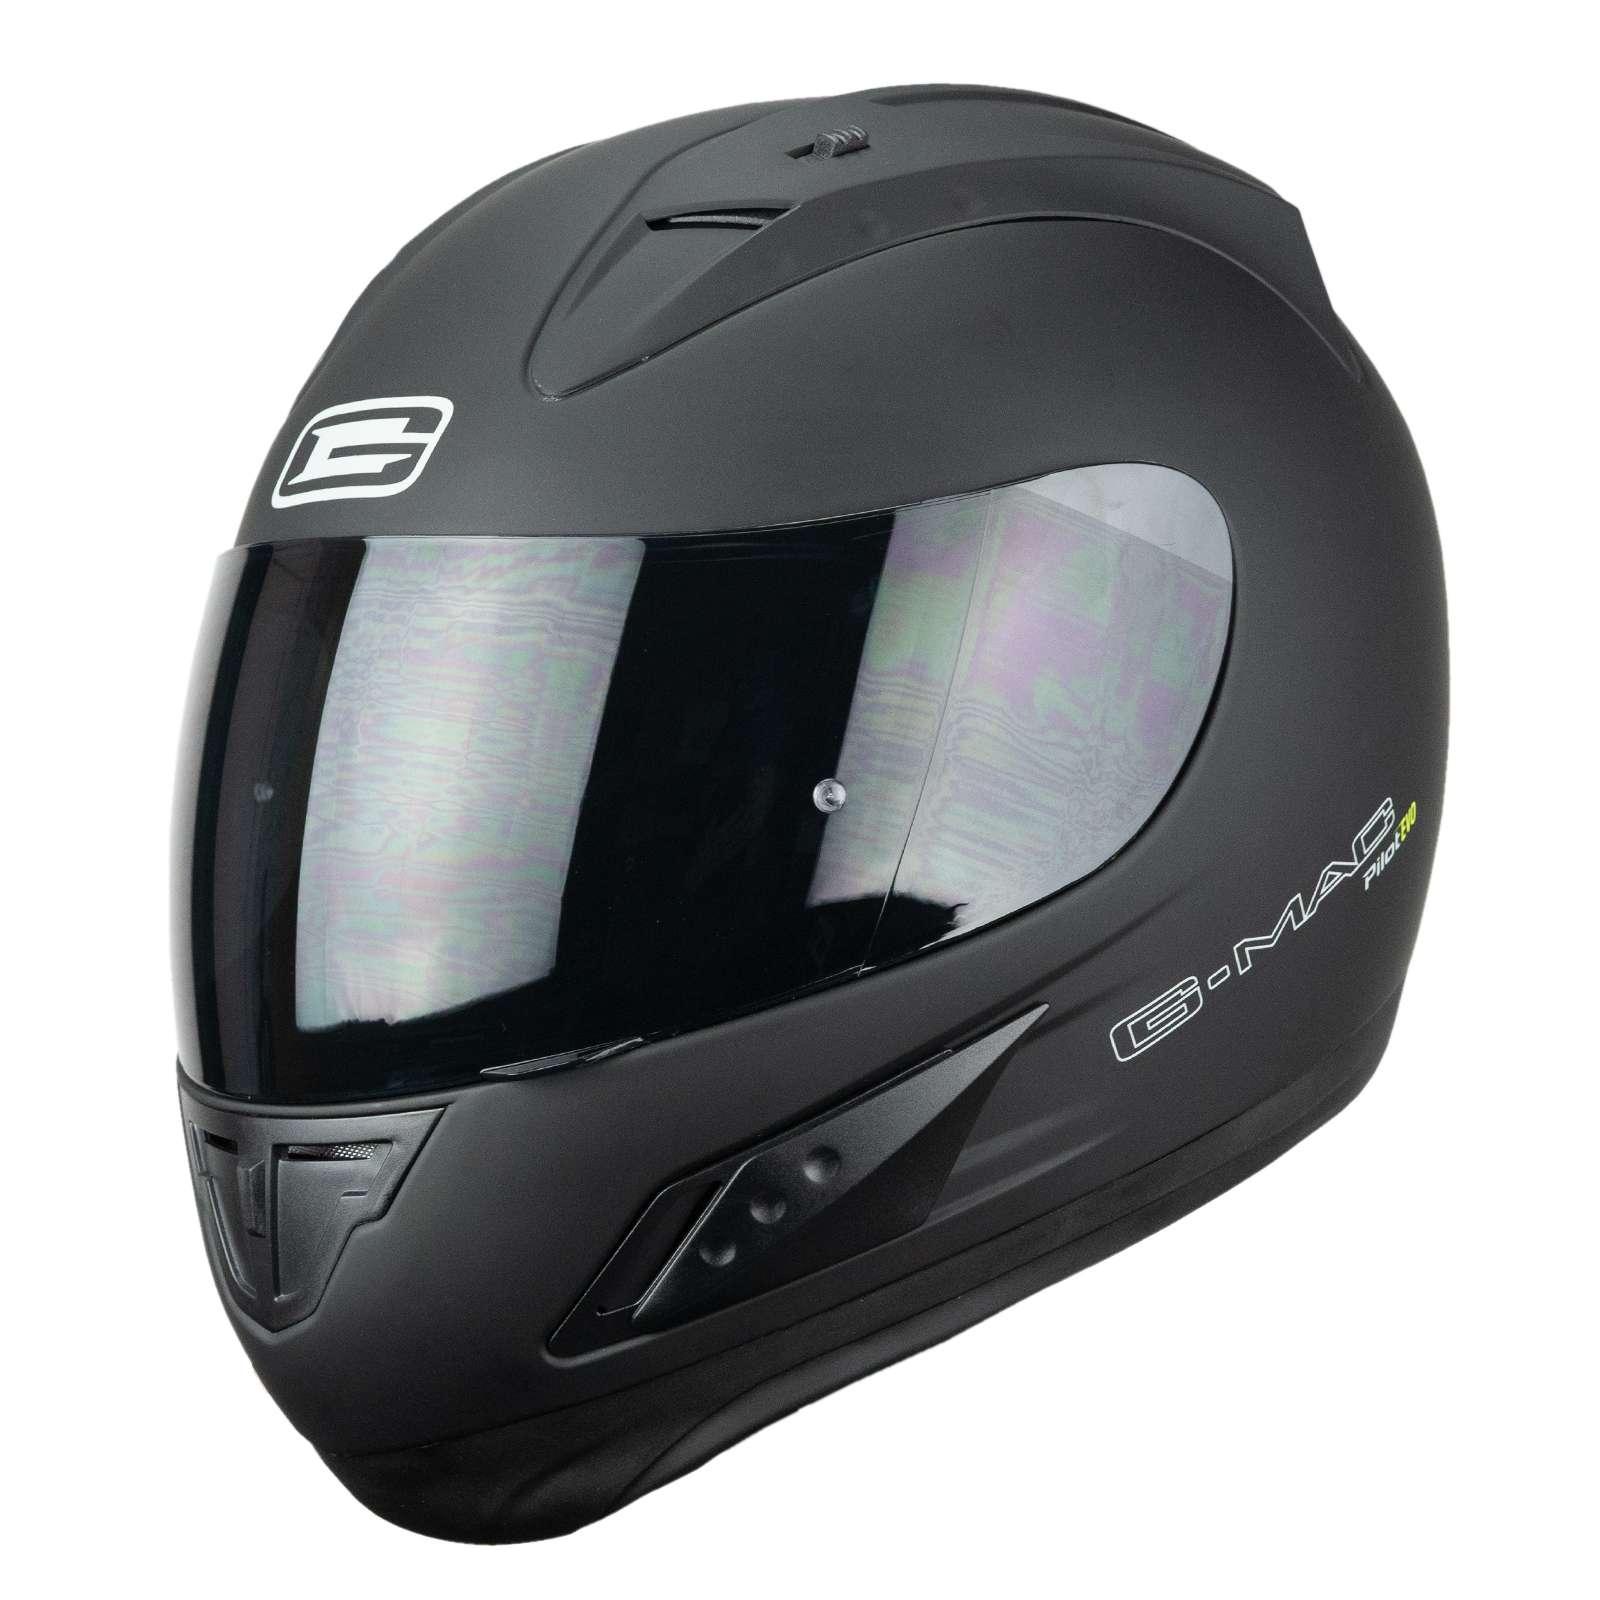 color negro mate y visera oscura Casco integral para motocicleta Nitro N3100 Blackout